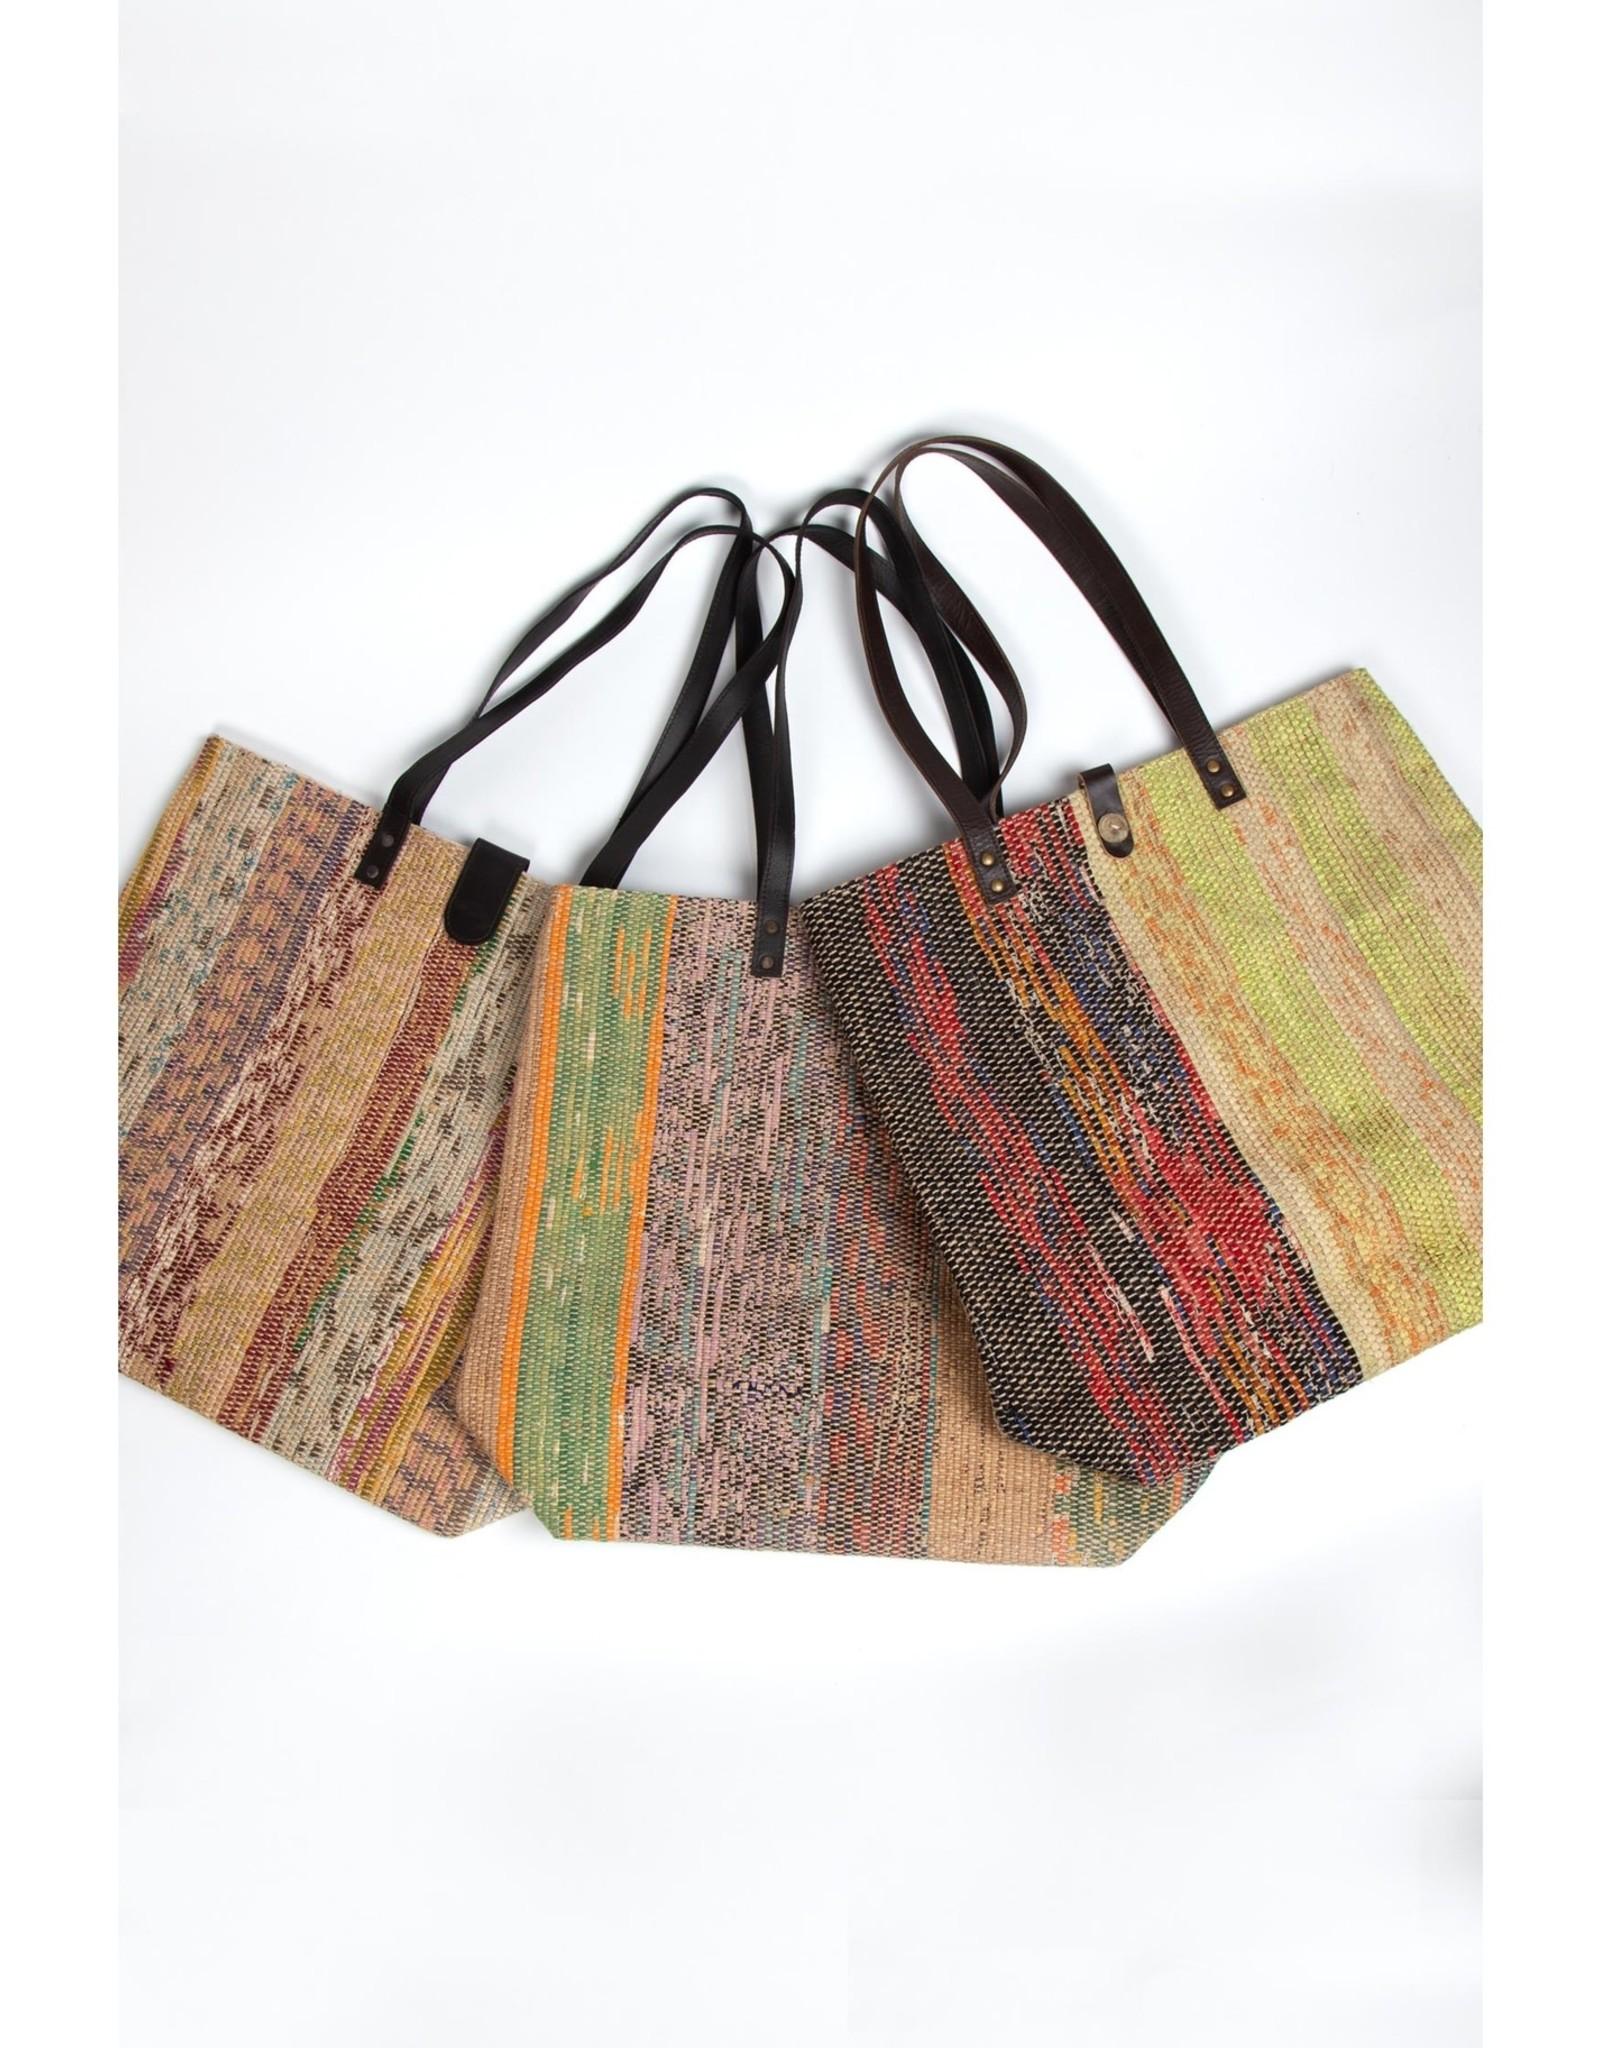 TTV USA Sari Striped Tote (Assorted Colours)